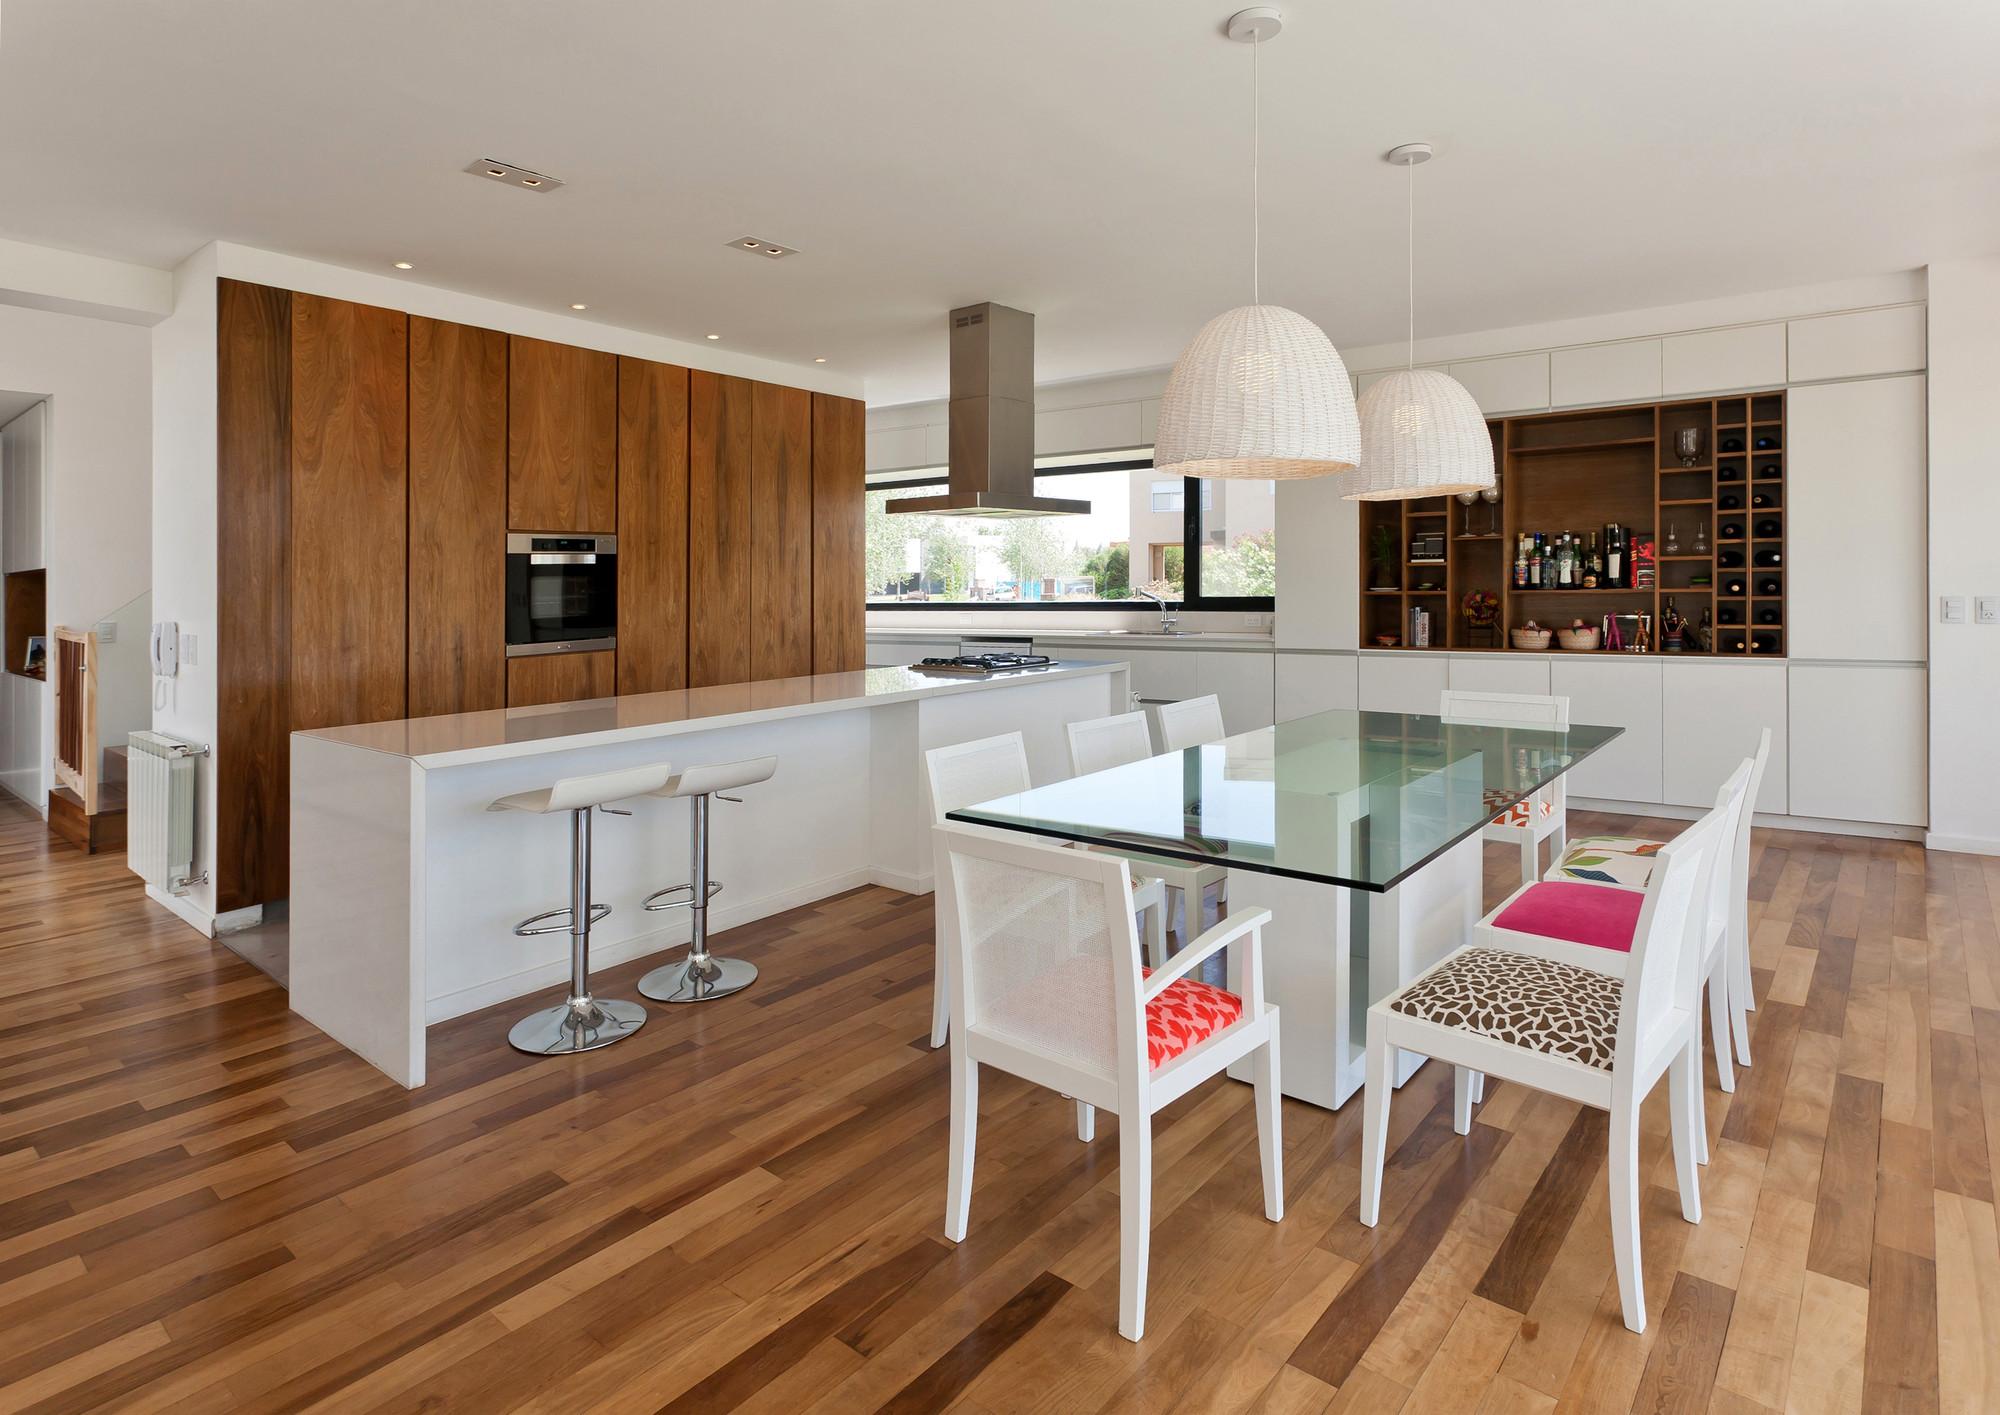 Gallery of mc house vismaracorsi arquitectos 4 for Modelos de pisos de cocina